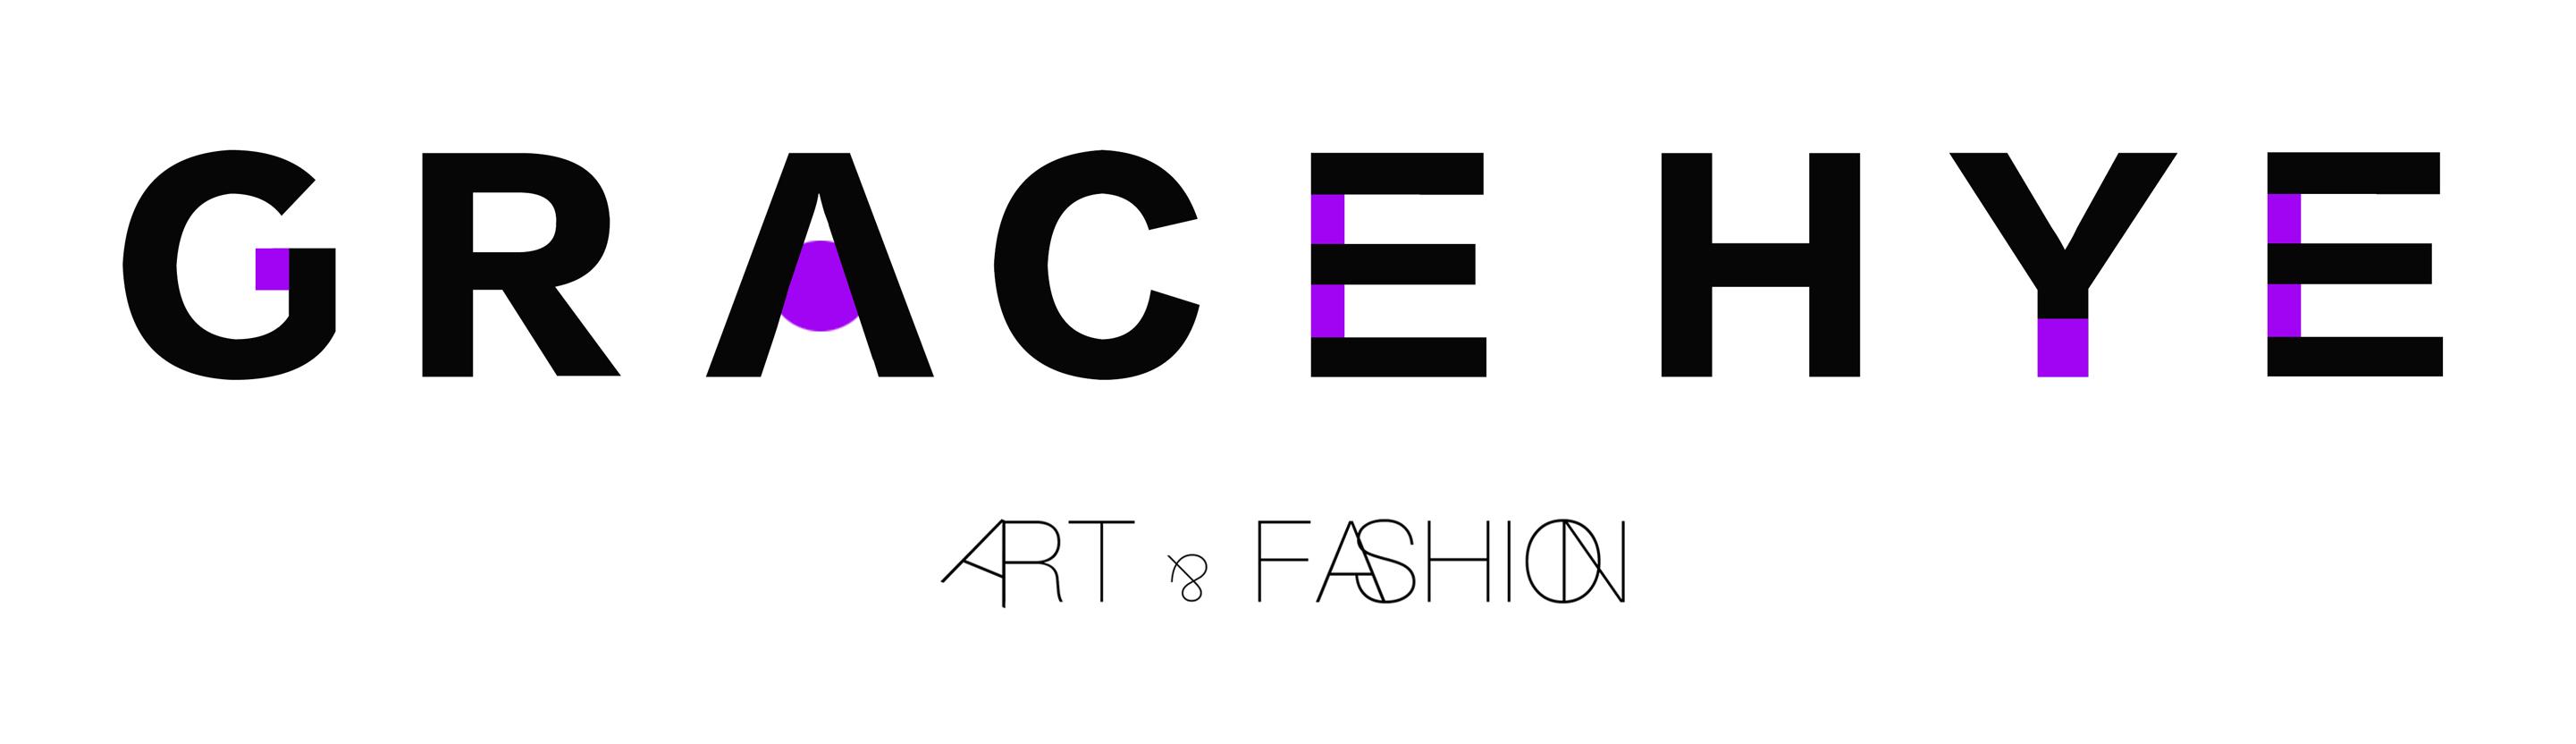 logo-grace hye